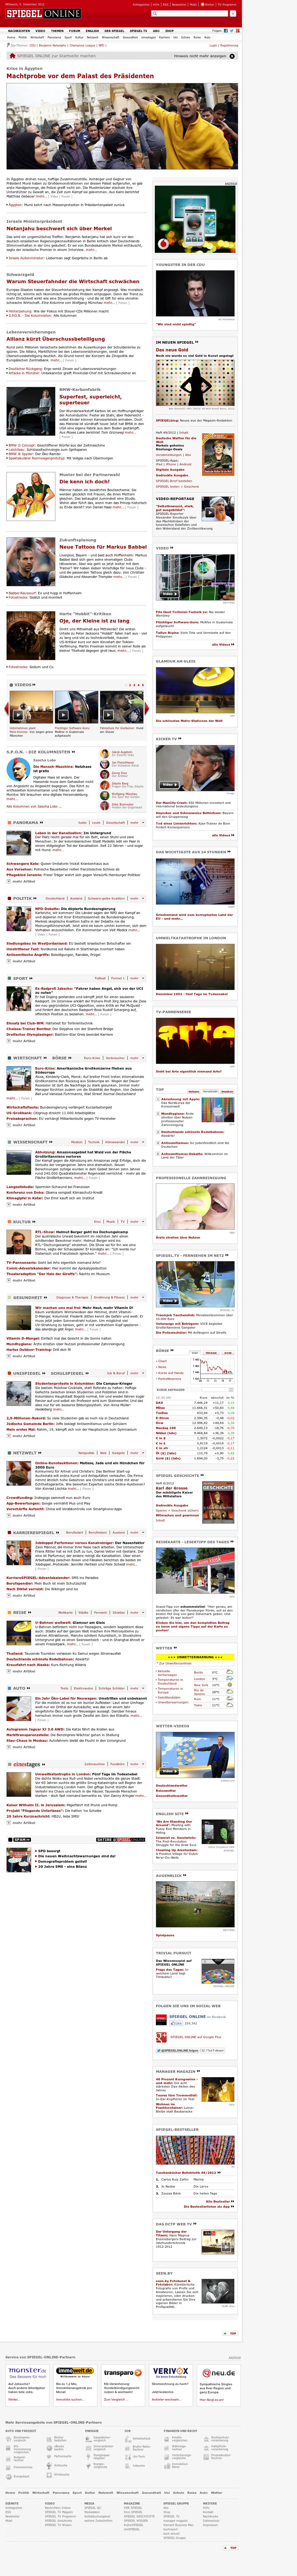 Spiegel Online at Wednesday Dec. 5, 2012, 3:42 p.m. UTC